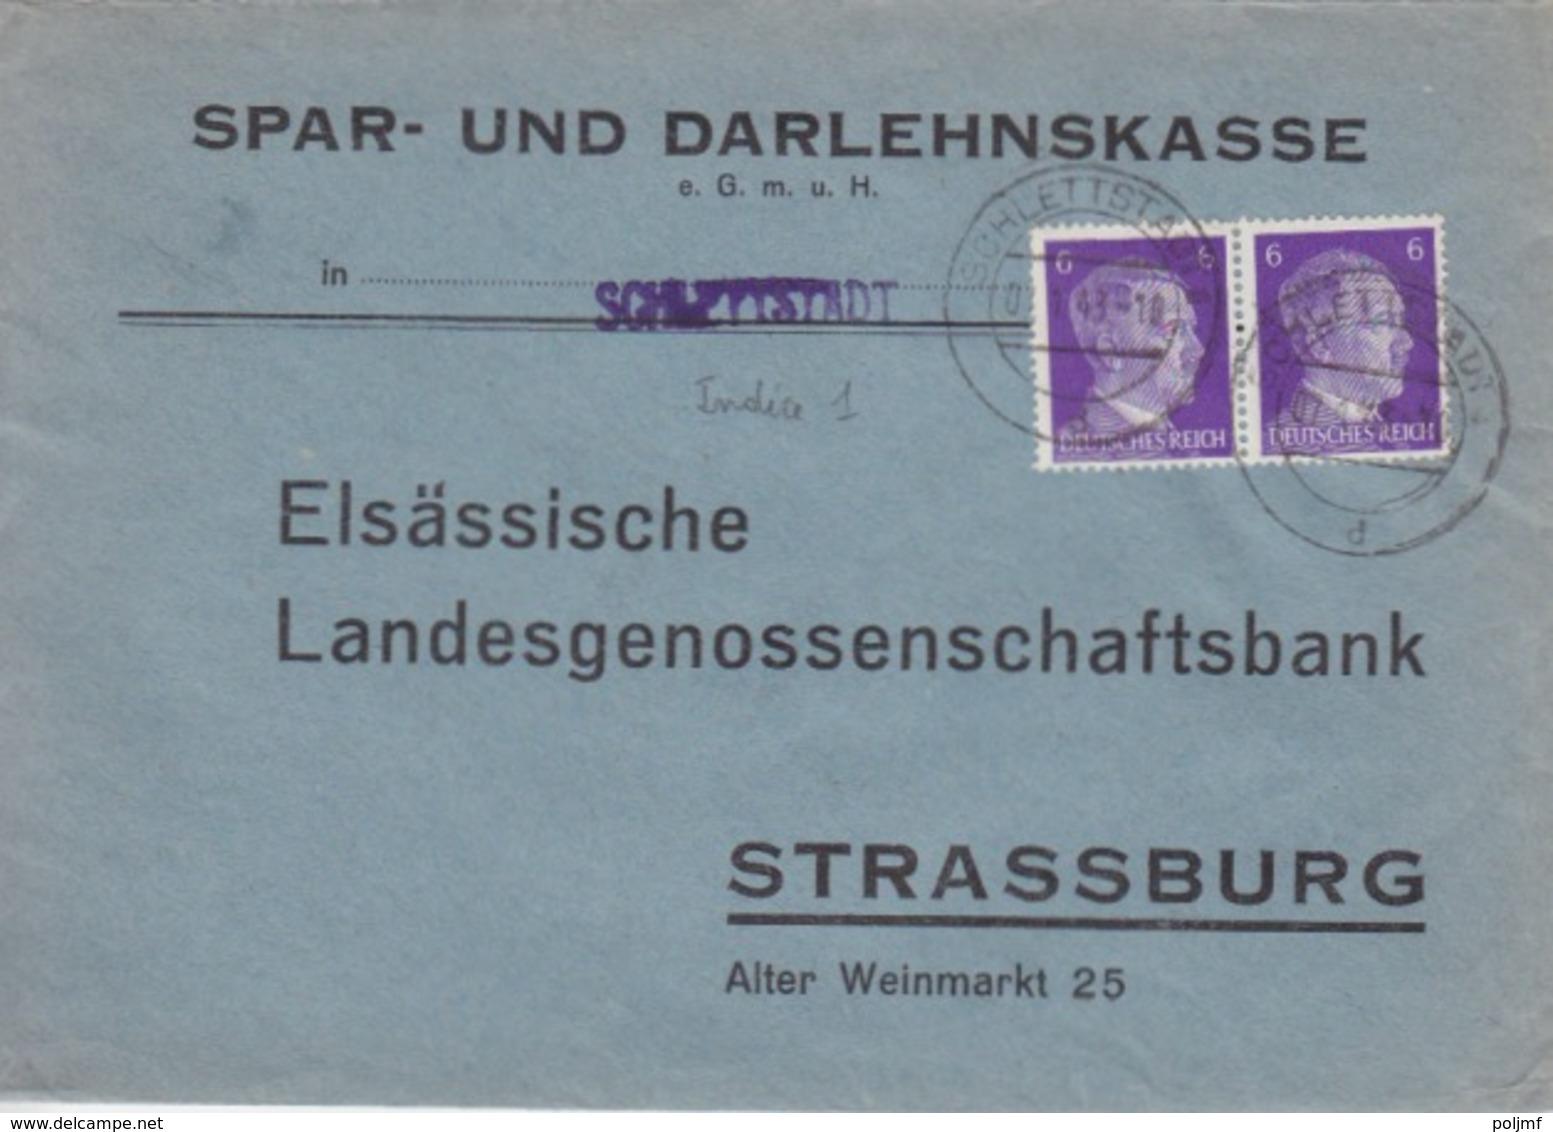 P Lettre à Entête (S.u.D. Schlettstadt) Obl Sélestat (T326 Schlettstadt 1d) Sur TP Reich 6pfx2=1°éch Le 7/1/43 - Postmark Collection (Covers)